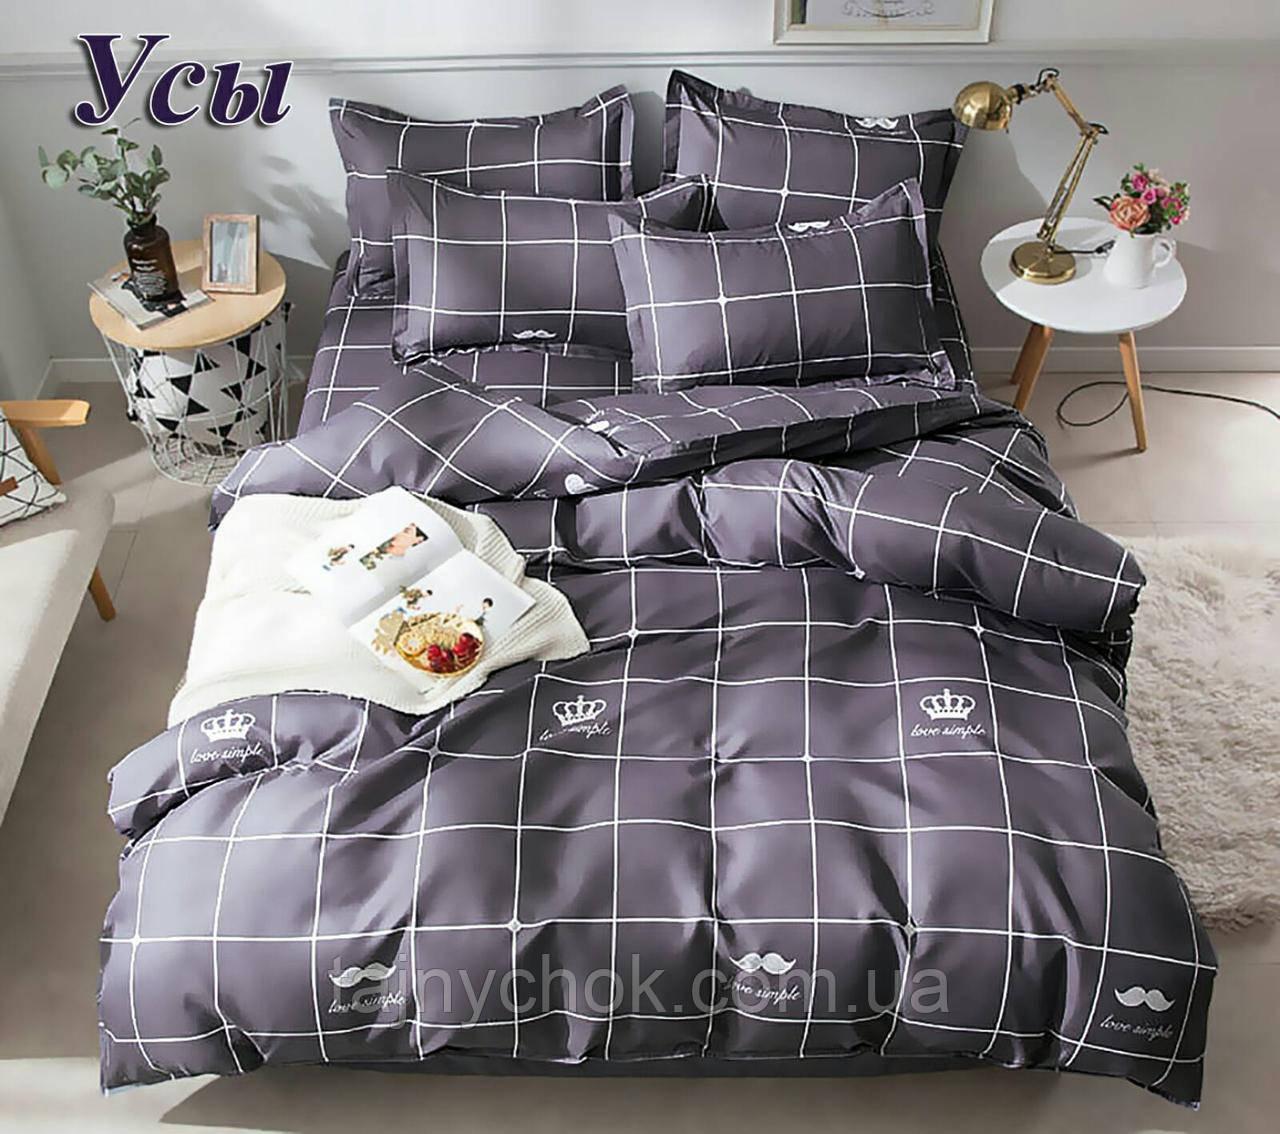 Полуторное постельное белье